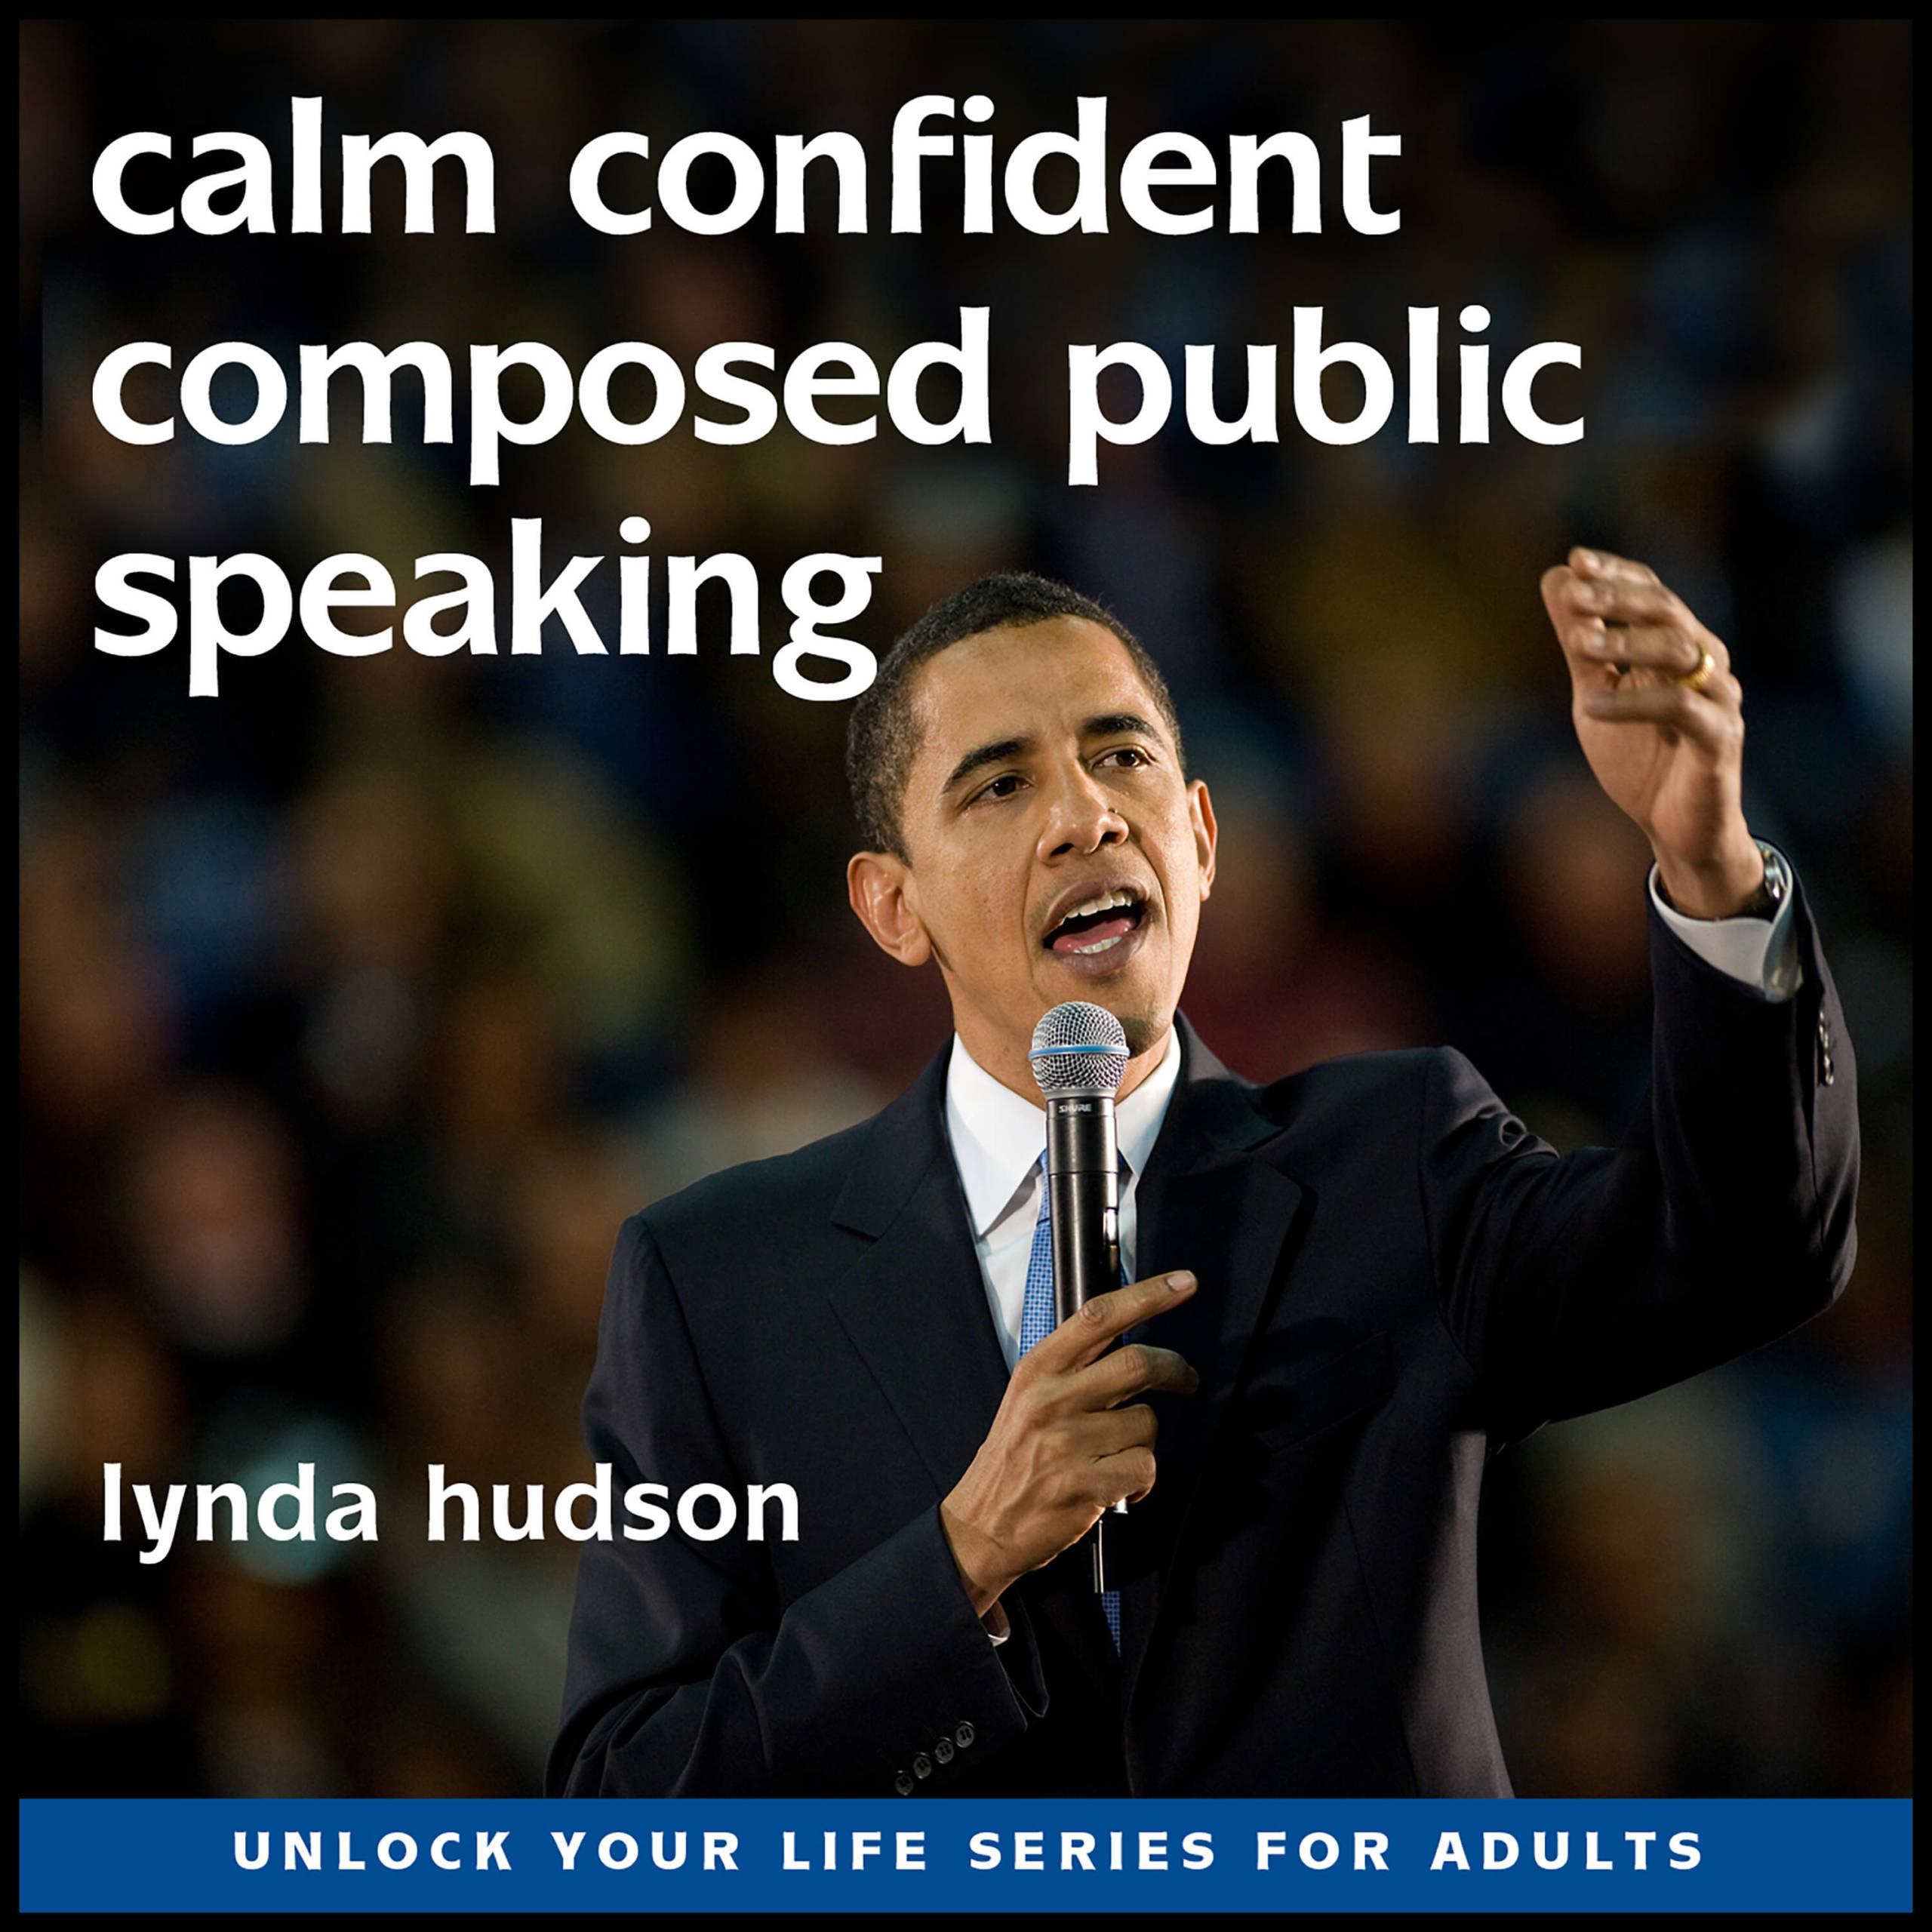 Calm, confident composed public speaking